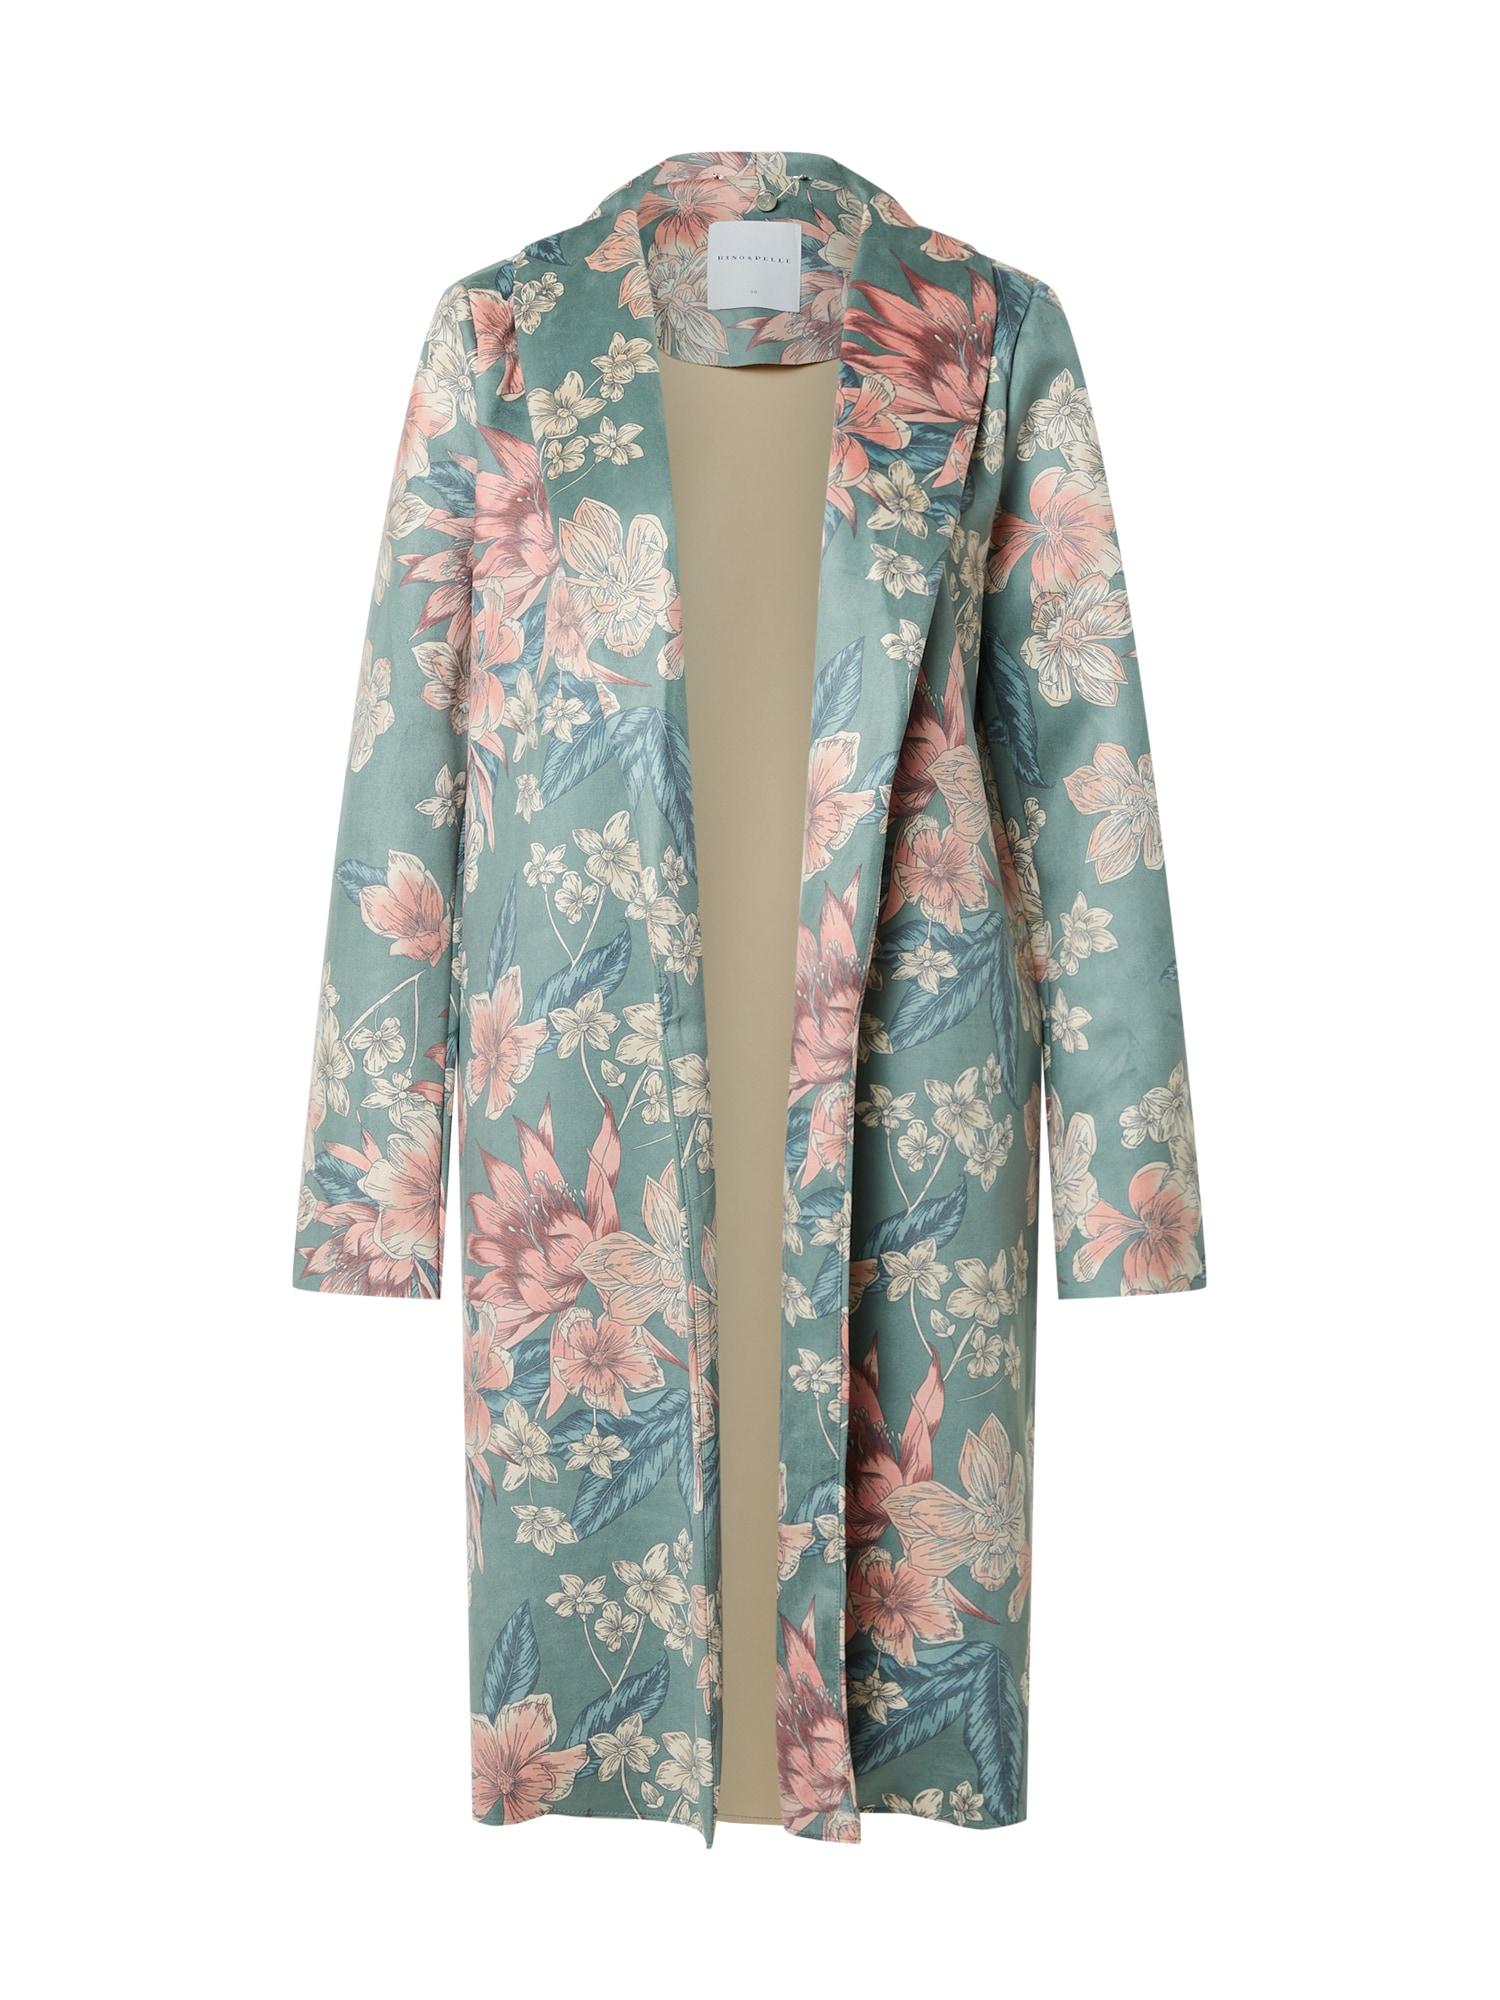 RINO & PELLE Demisezoninis paltas mišrios spalvos / pastelinė mėlyna